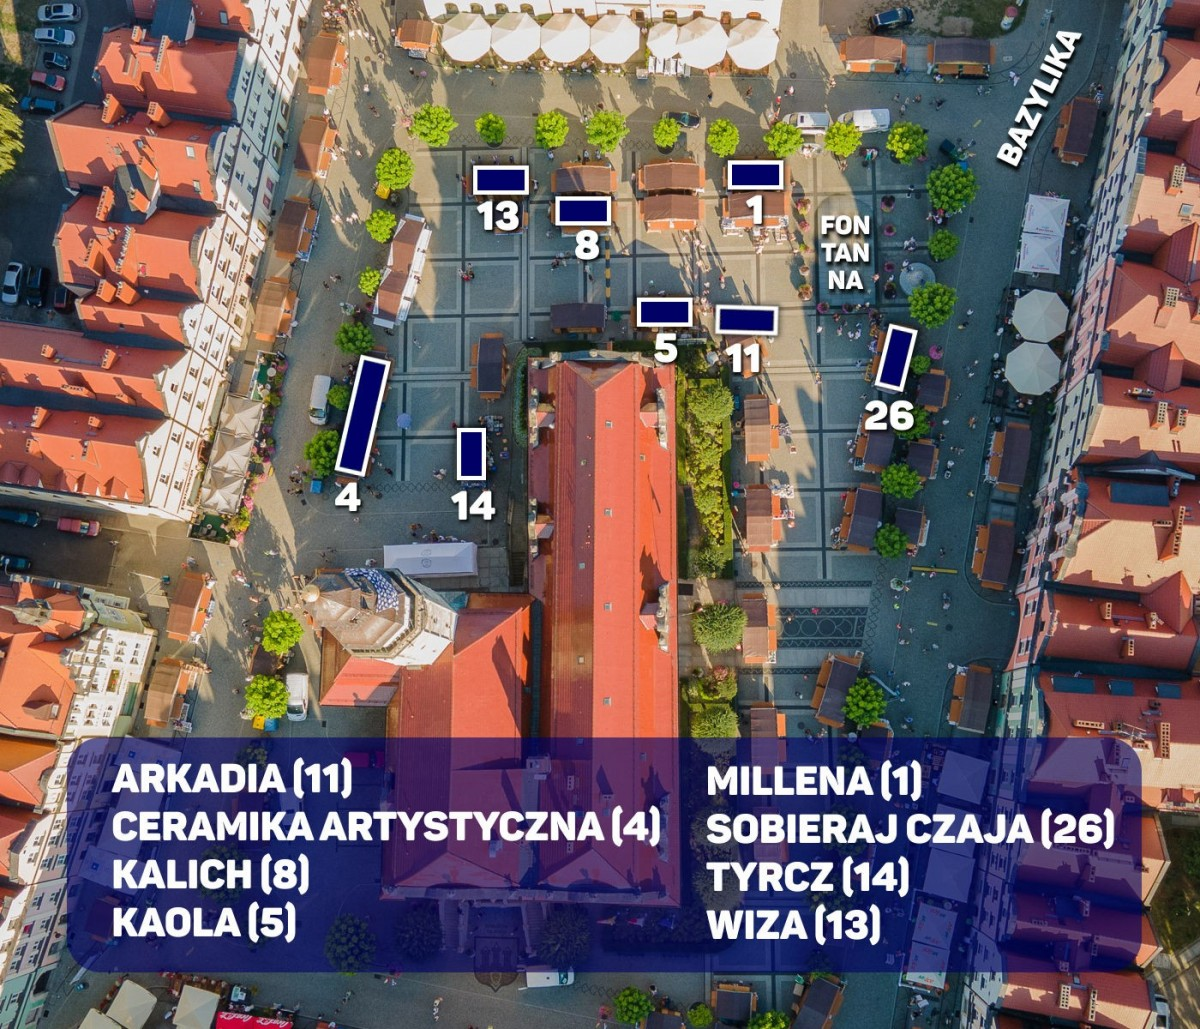 Mapka Domków ceramików Bolesławieckie Święto Ceramiki ON-LINE 2021